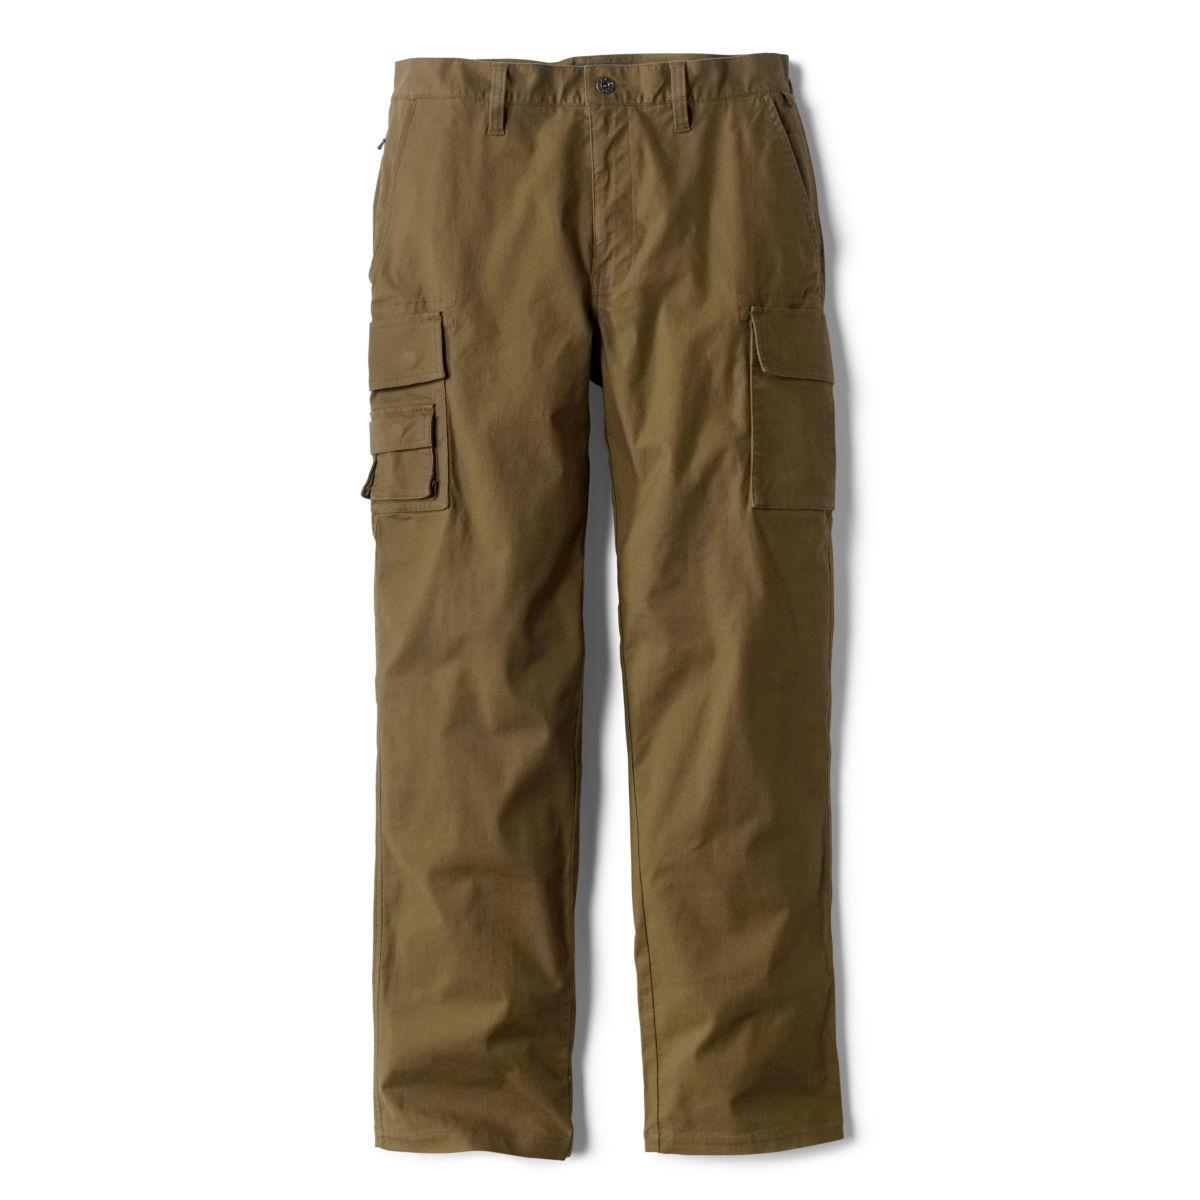 14-Pocket Cargo Pants - image number 0